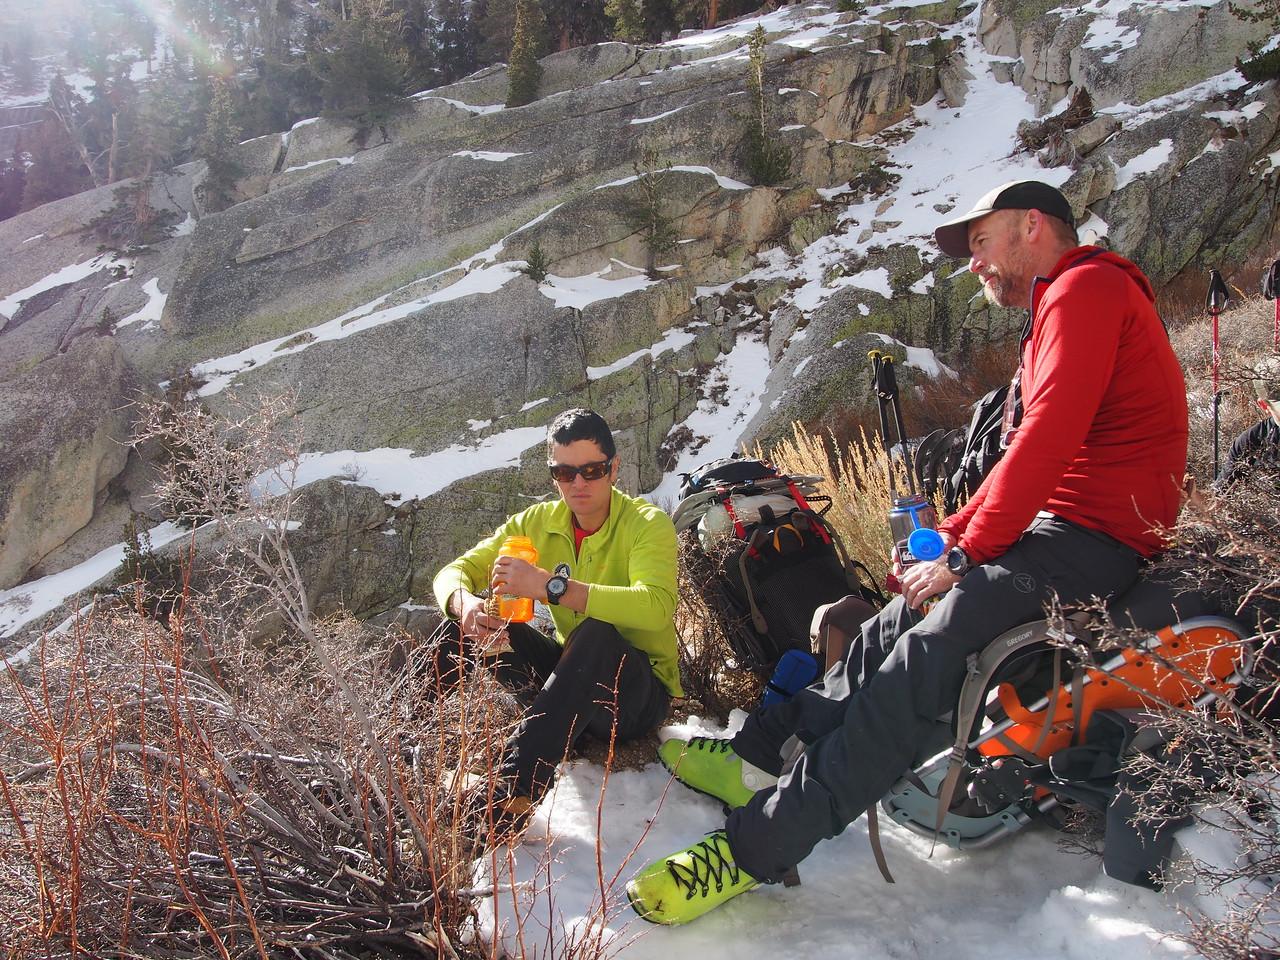 2015 Sierra Winter Mountaineering Mike McBride